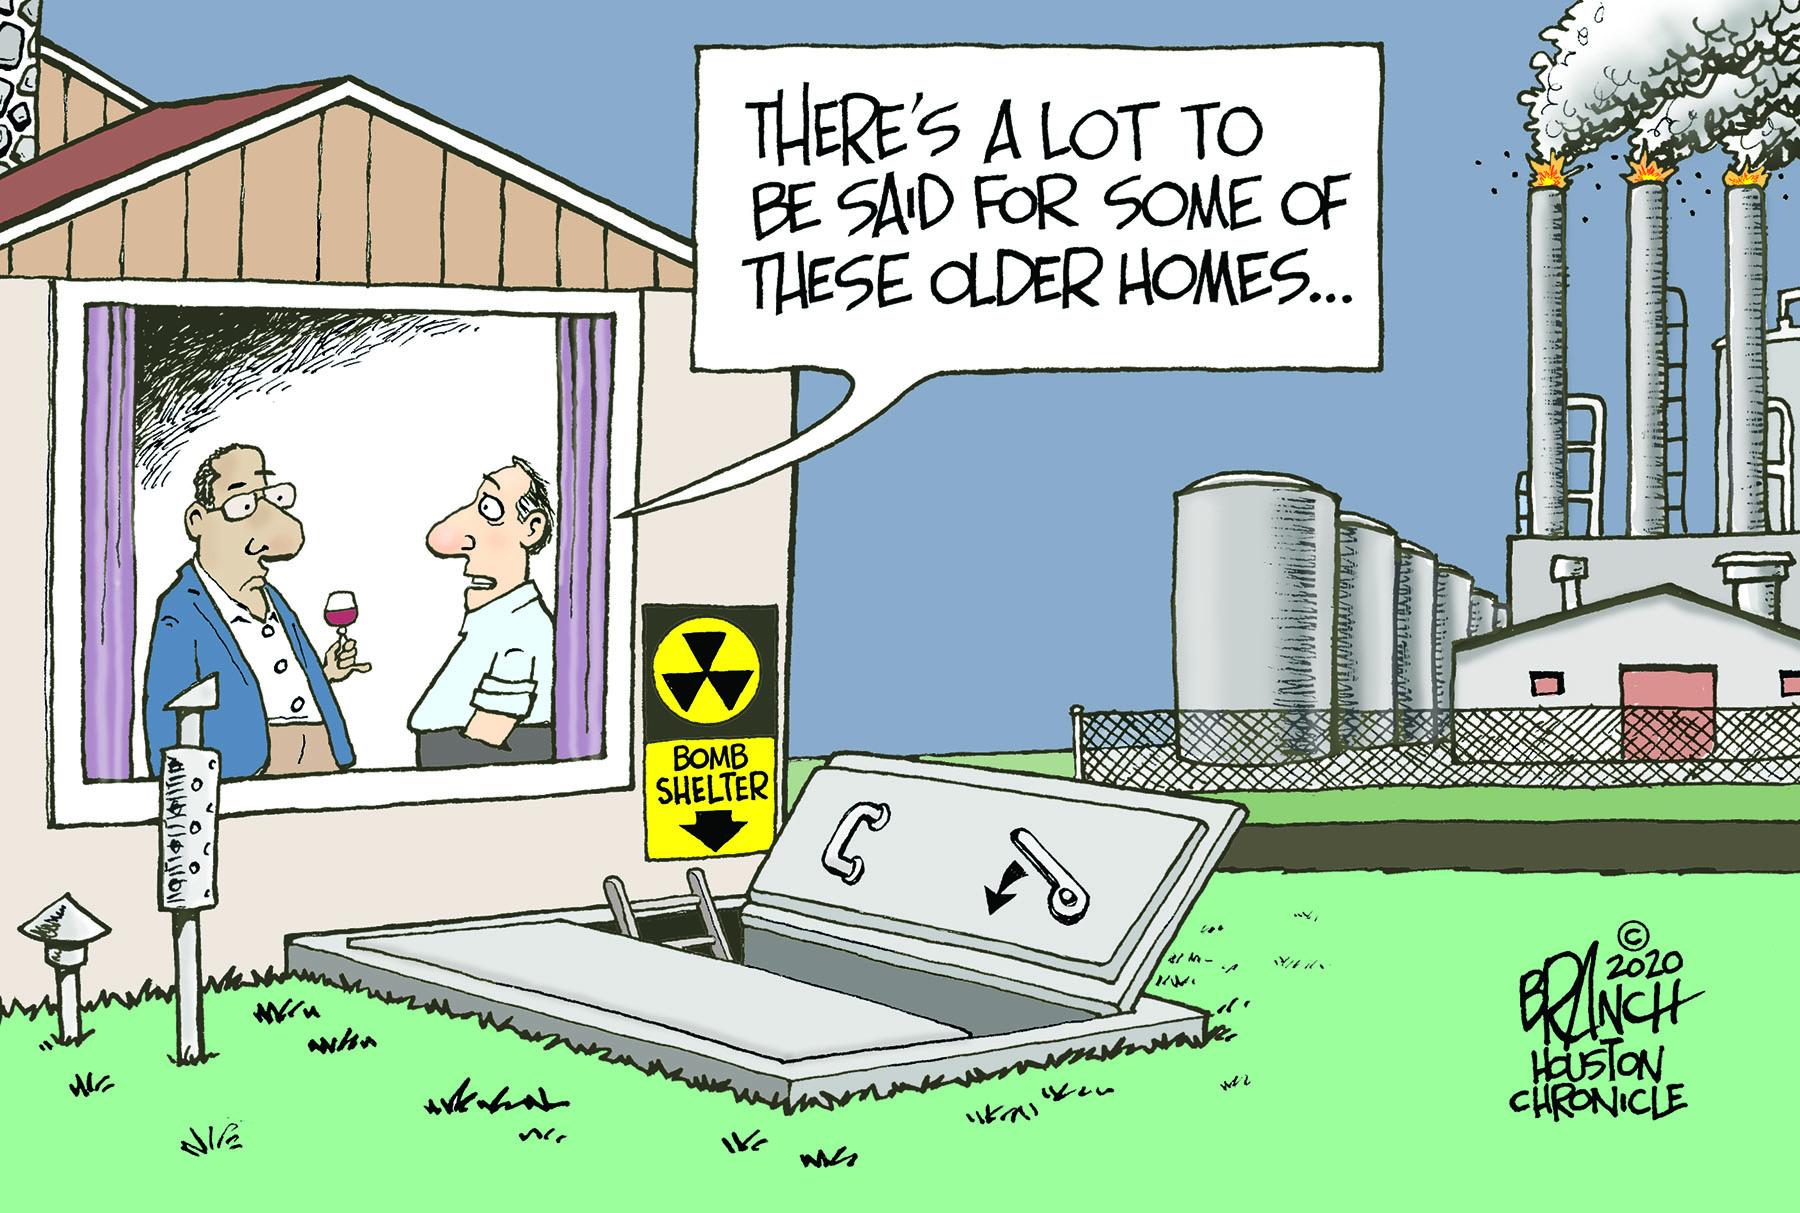 013120-chron-bomb-shelter-web